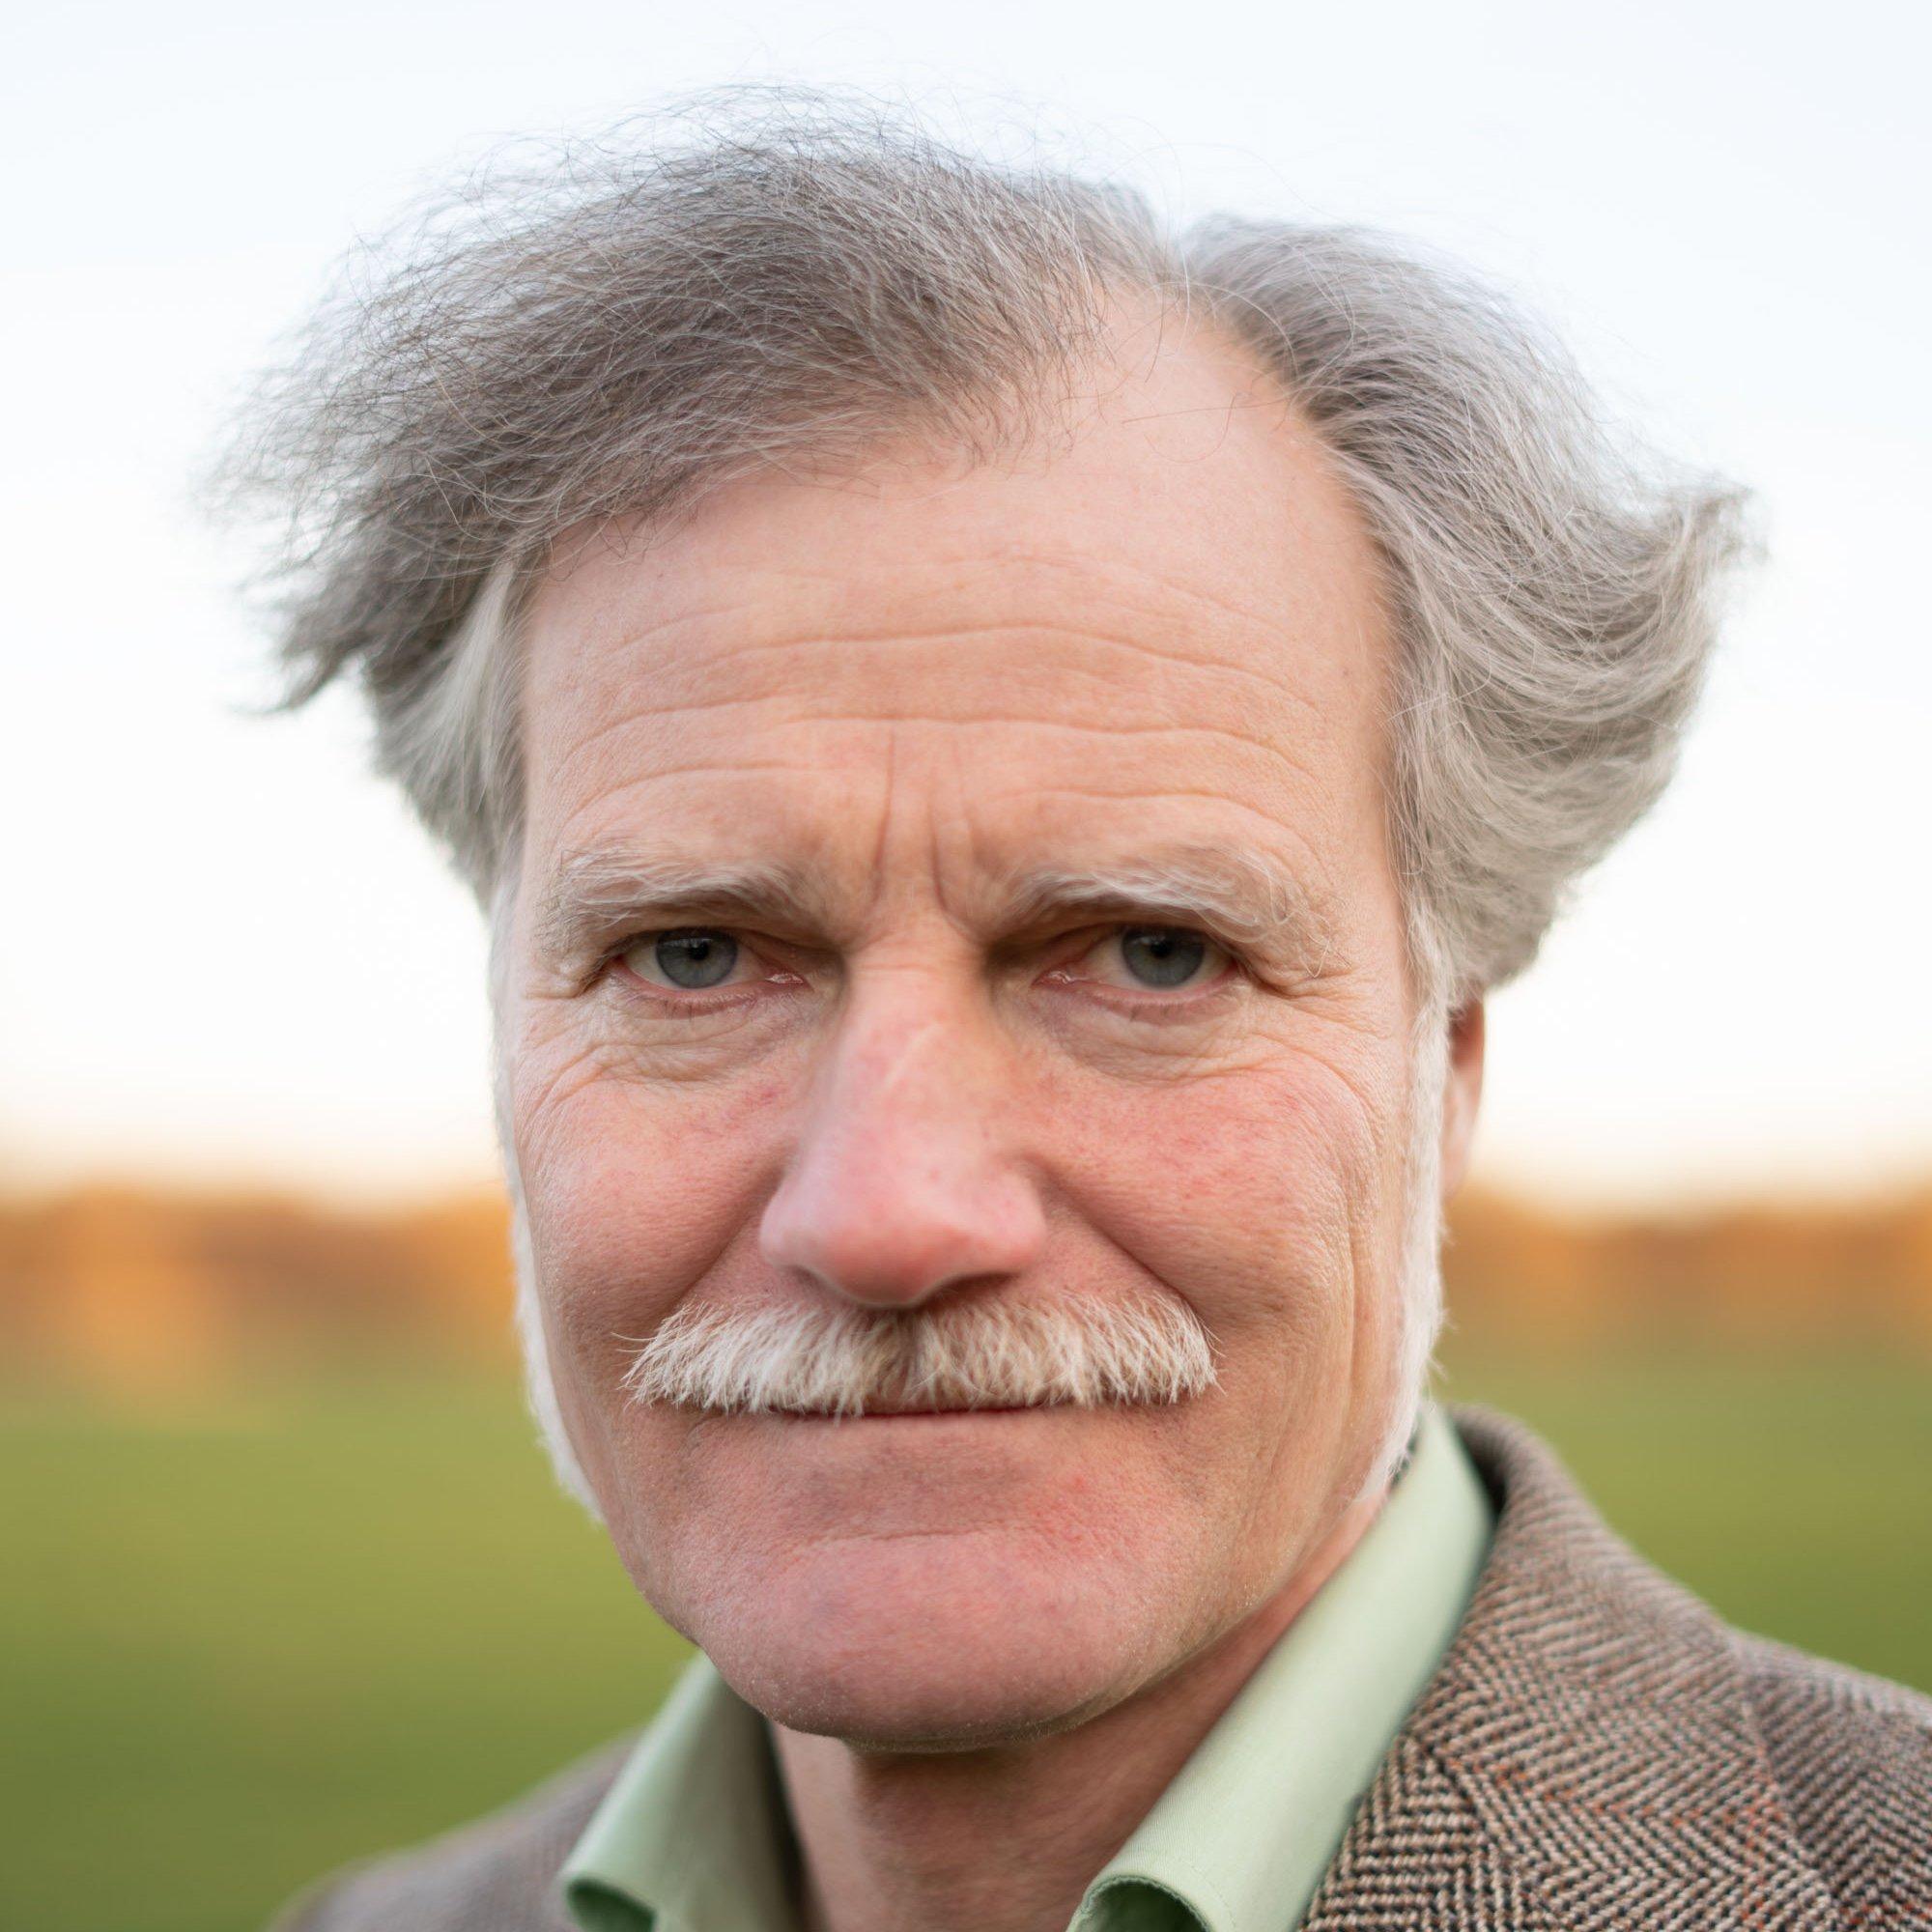 Der Field-Writer Gerhard Richter trägt eine grauen Schnurbart und die Haare als Seitenscheitel. Er trägt außerdem ein hellgrünes Hemd und darüber ein braunes Tweed-Sacko.